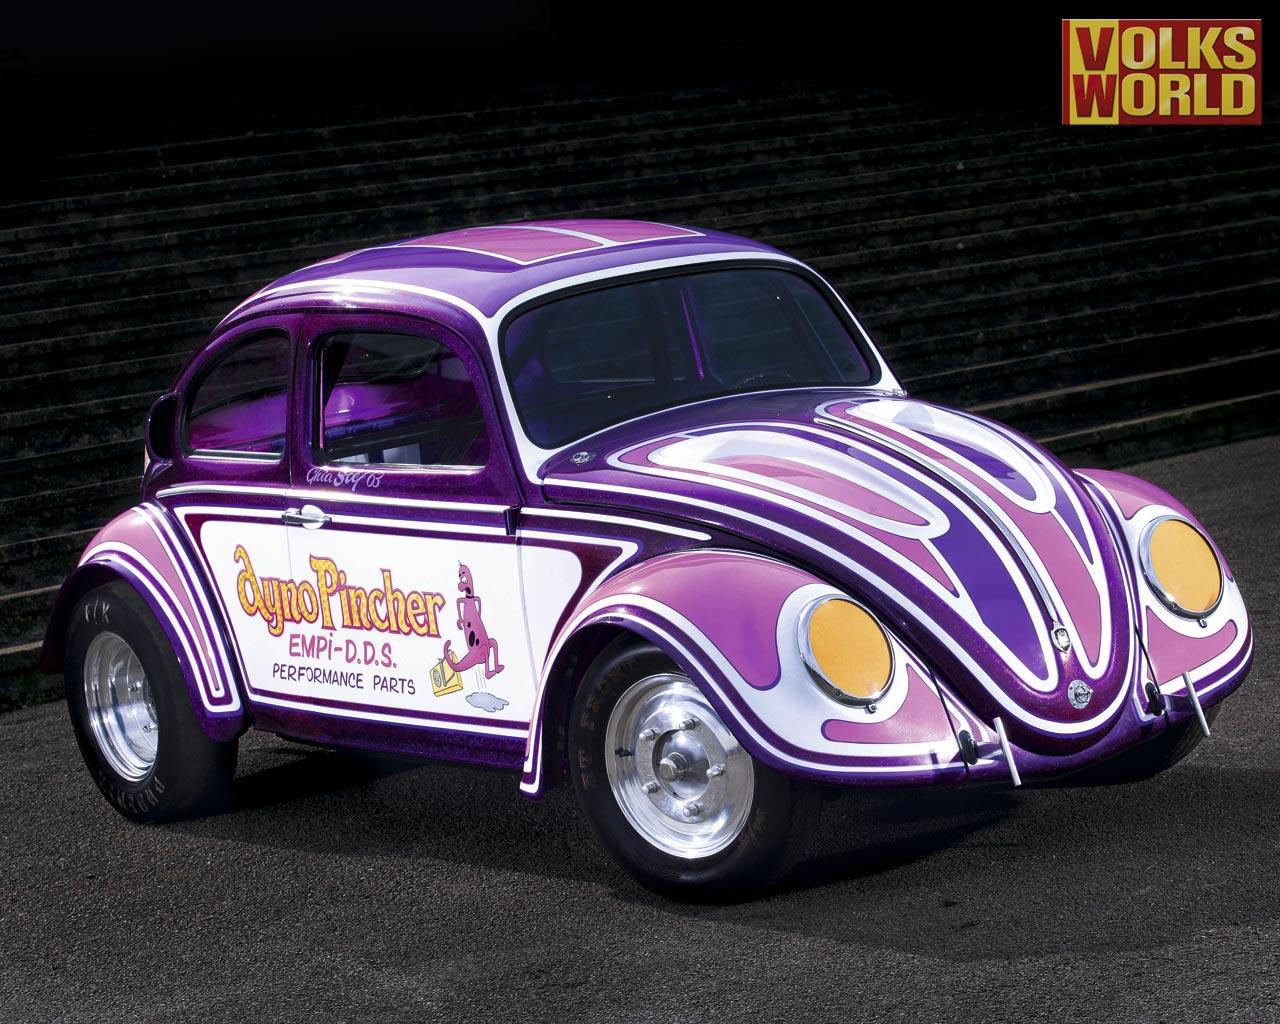 Volkswagen Beetle Wallpapers Vdub Newscom 1280x1024